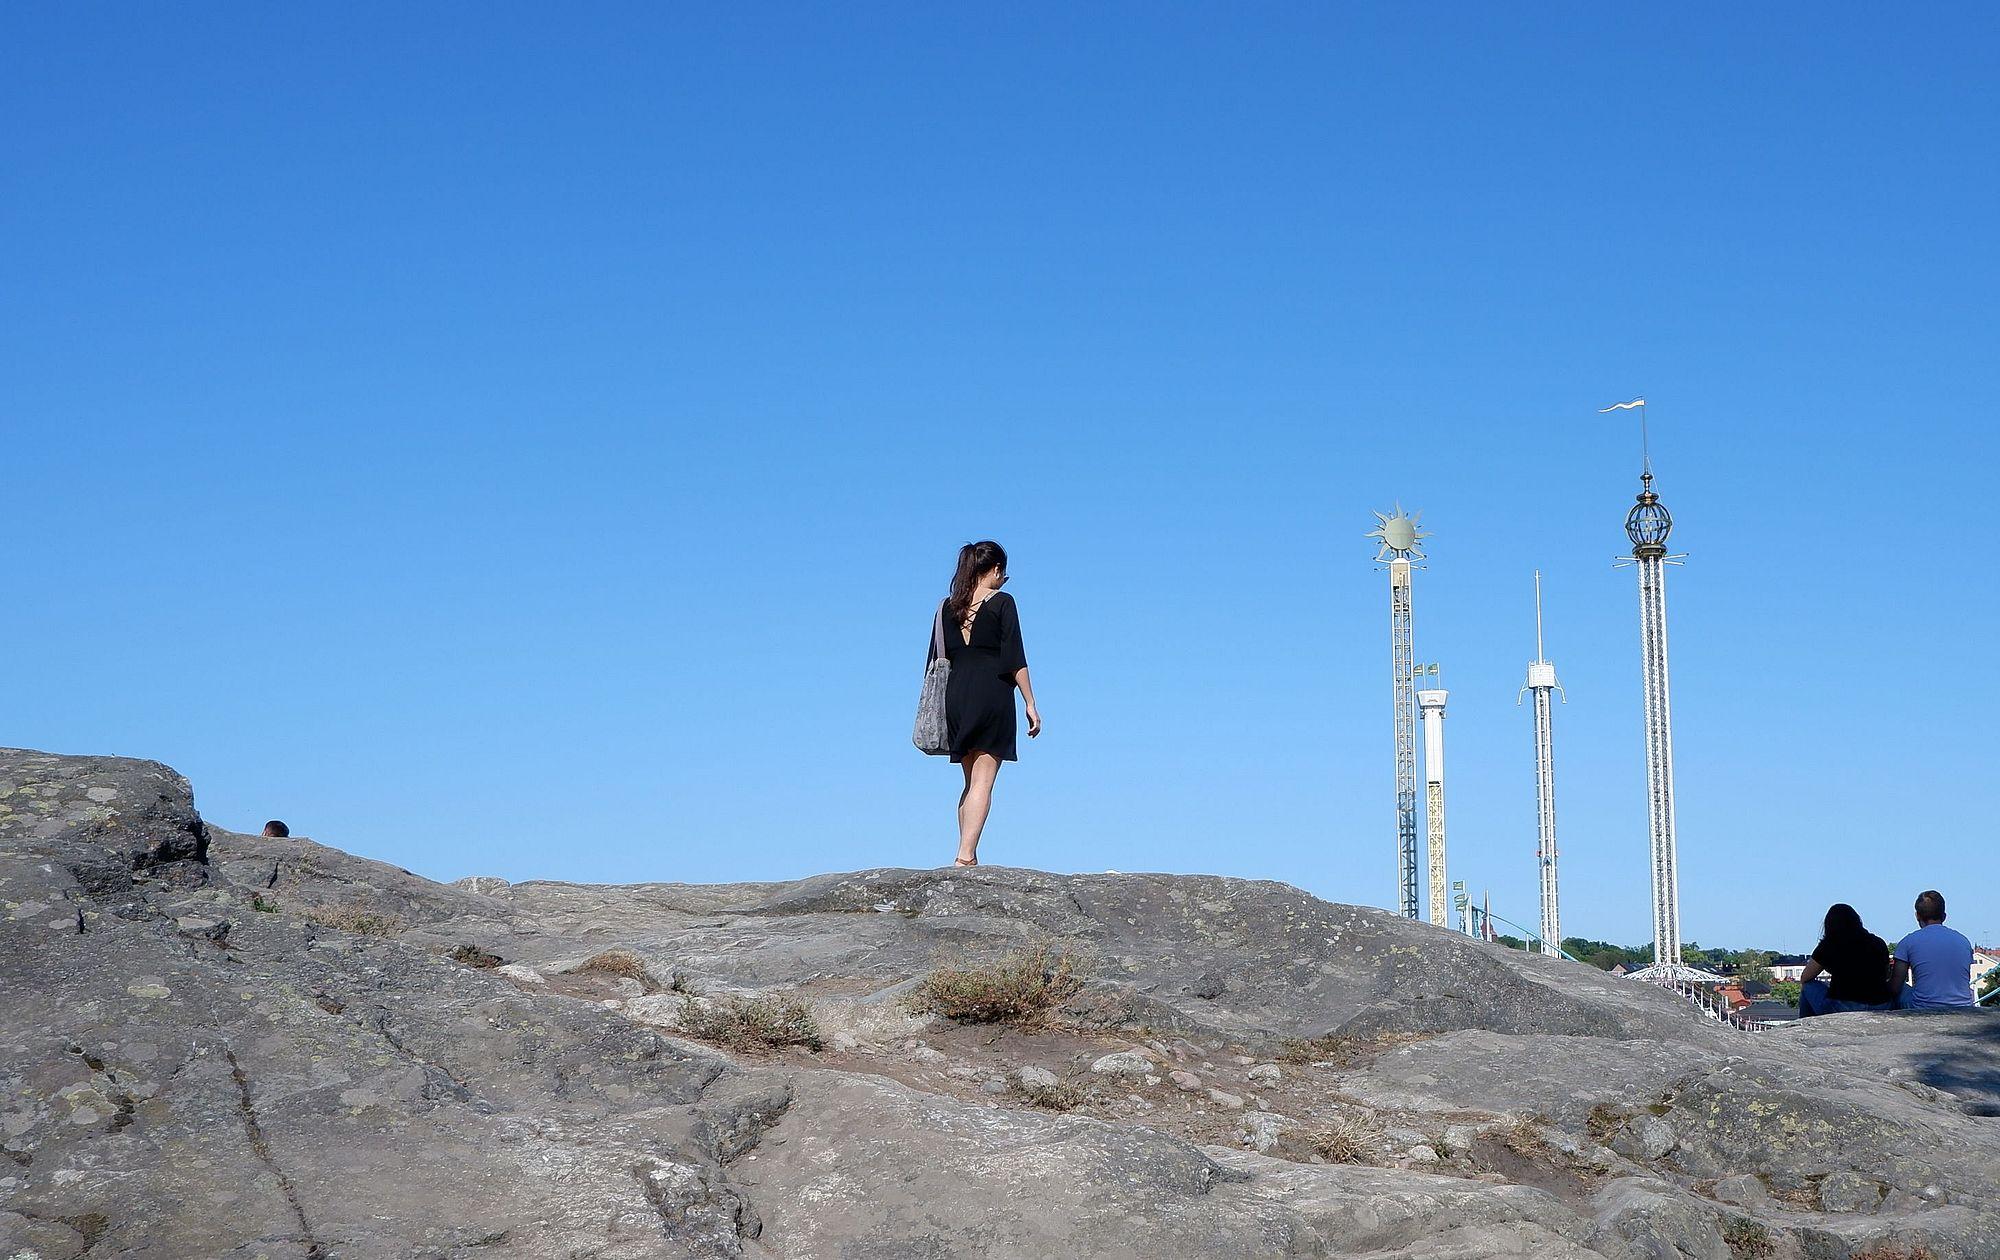 Marina se promenant sur un chemin rocheux en face d'un parc d'attraction.